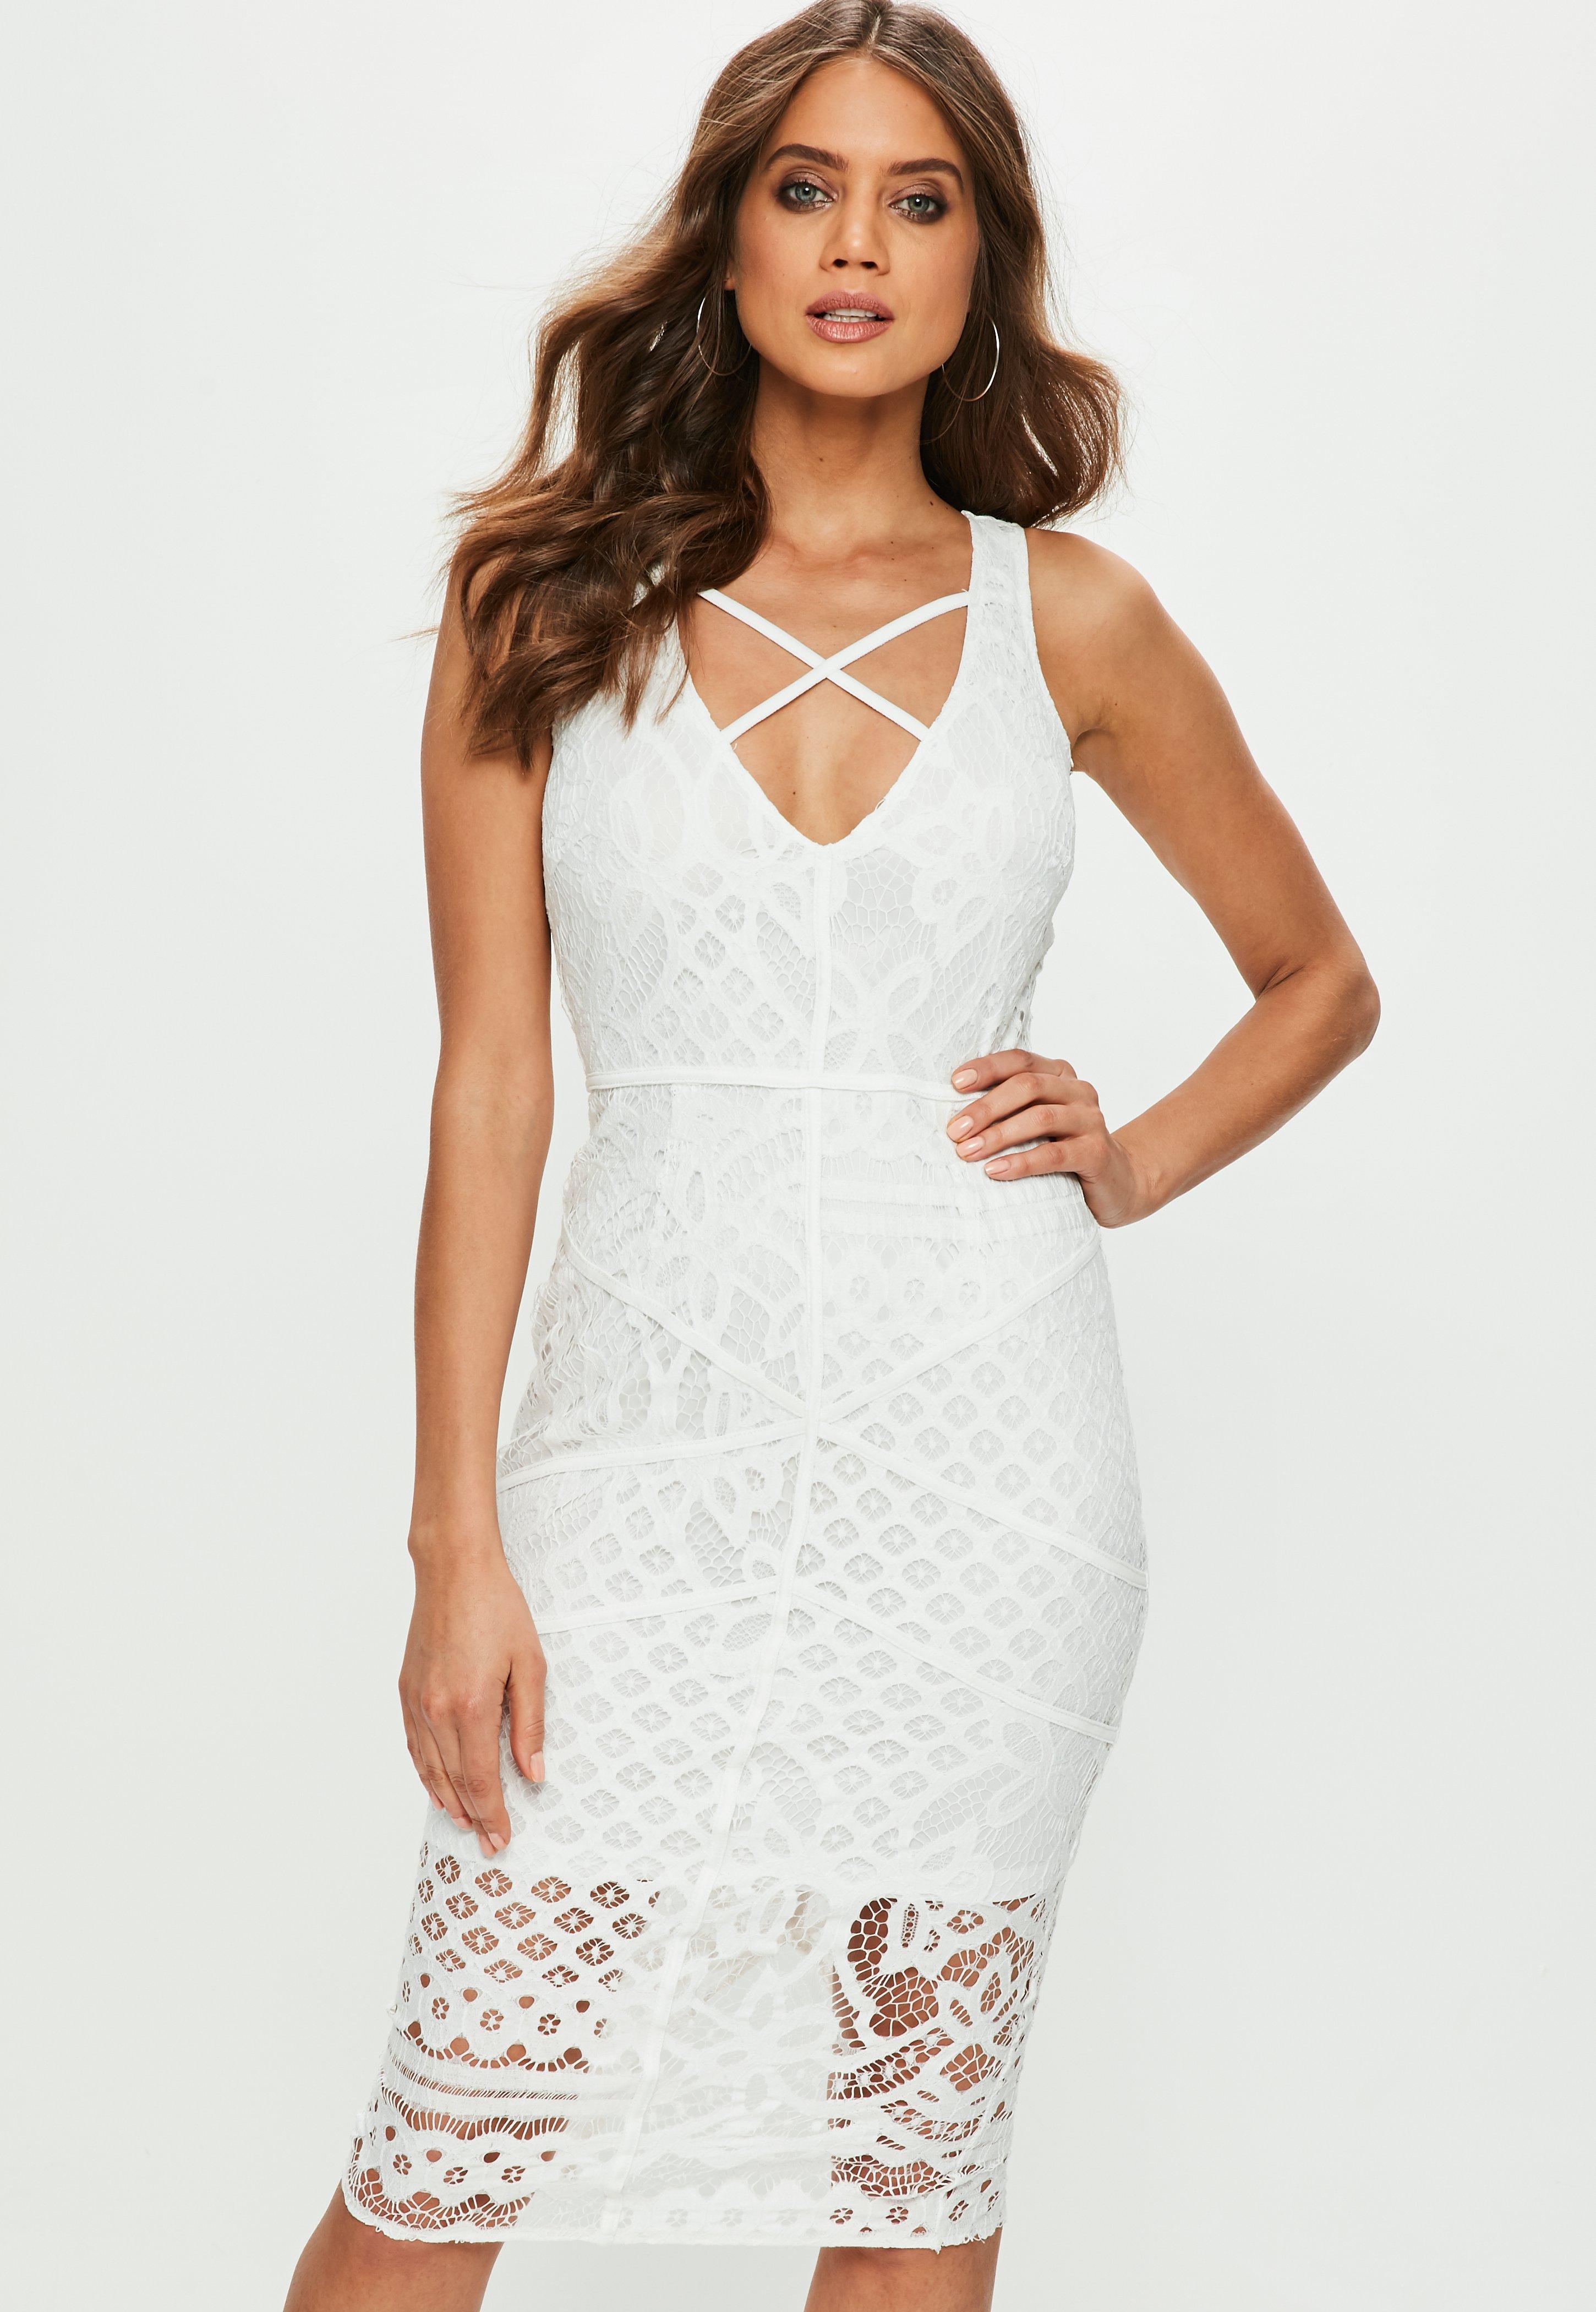 White bandage deep v dress with flat